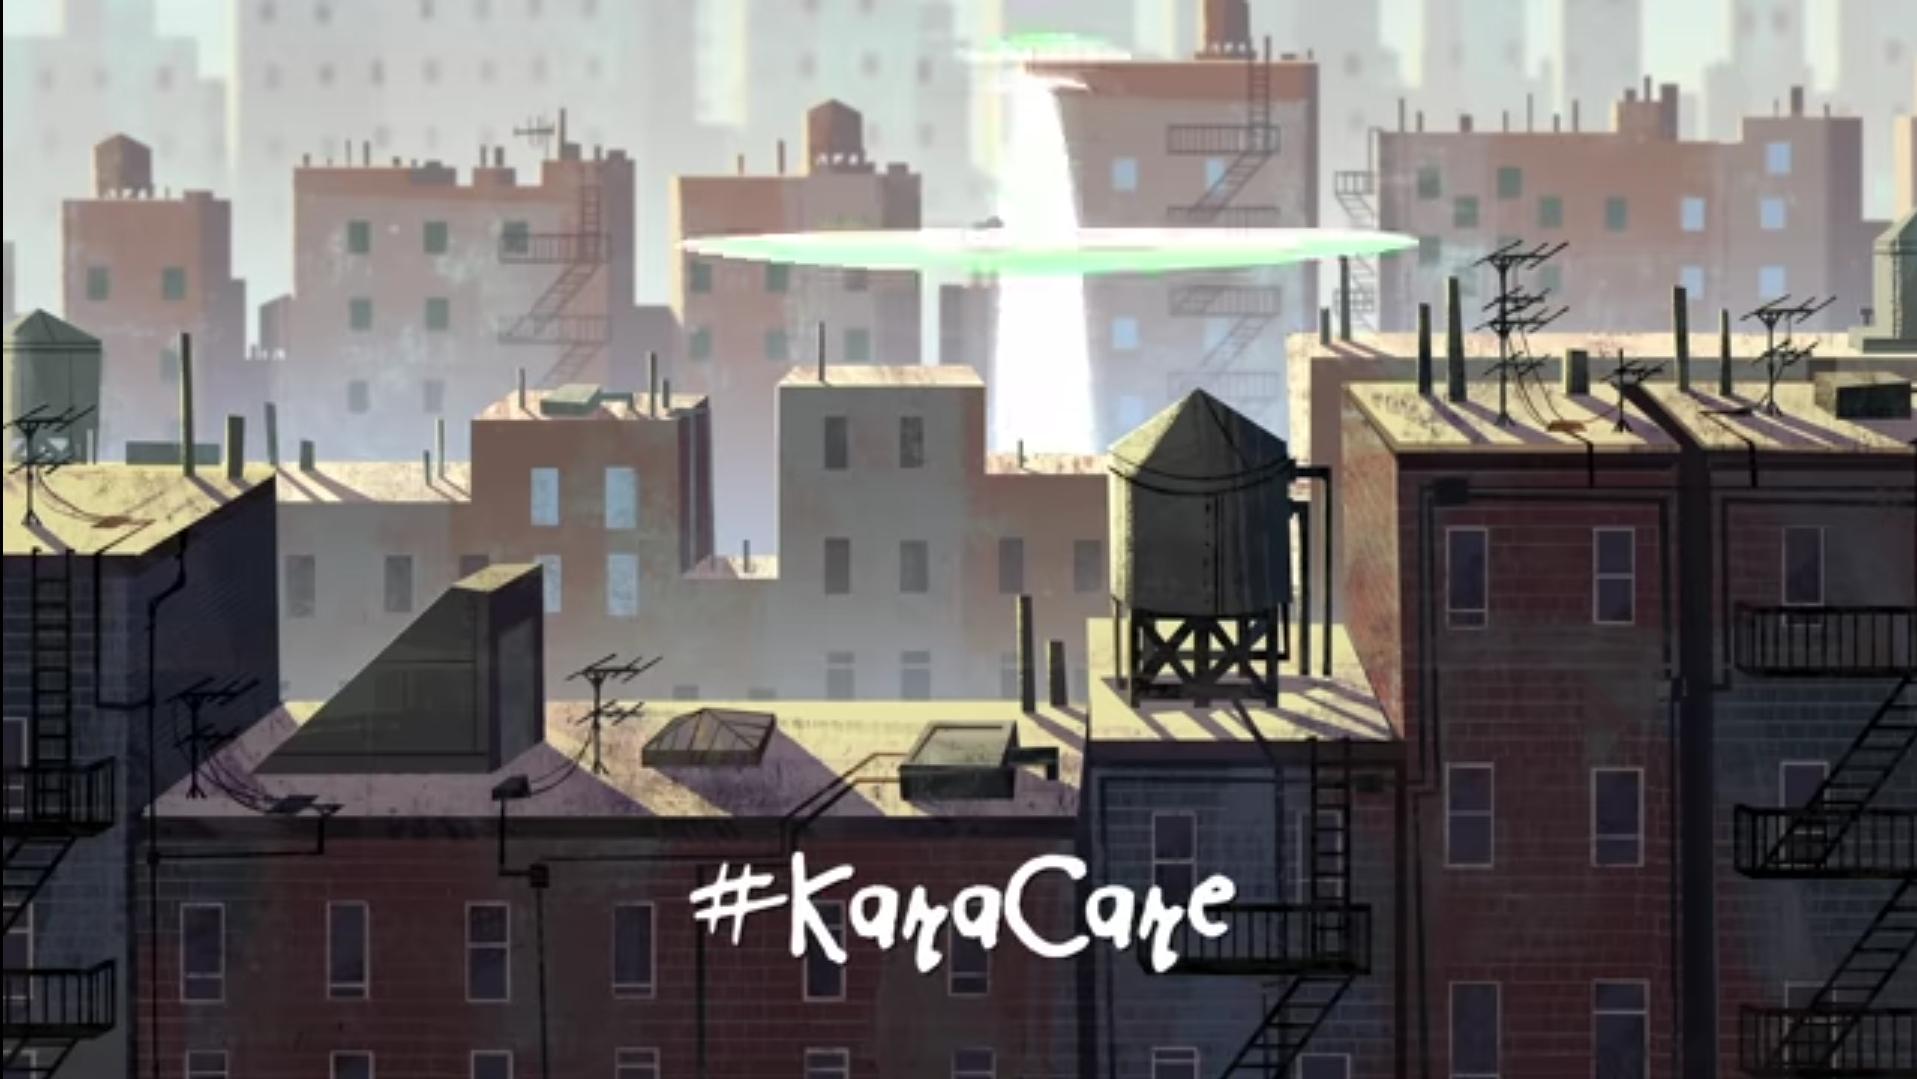 Kara Care